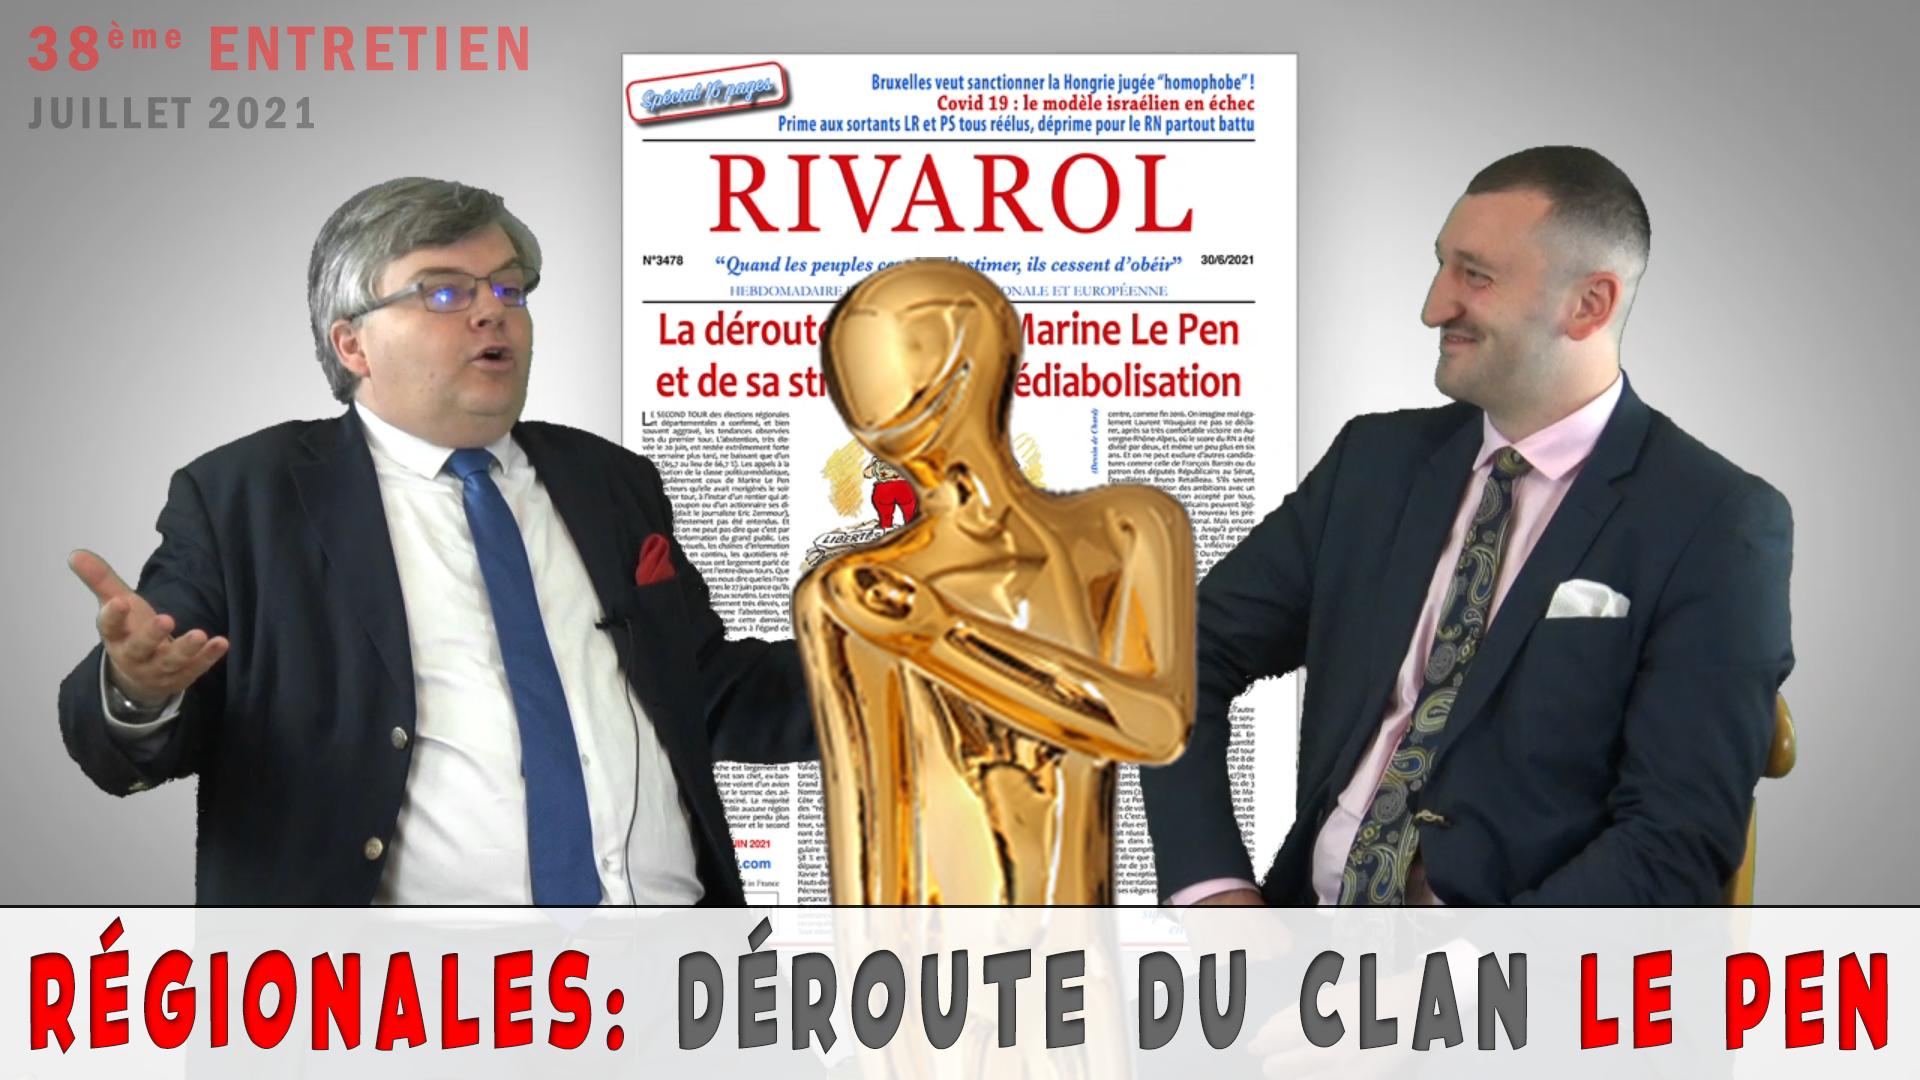 &quote;Régionales: abstention record et déroute du clan Le Pen&quote;, juillet 2021 avec Jérome Bourbon